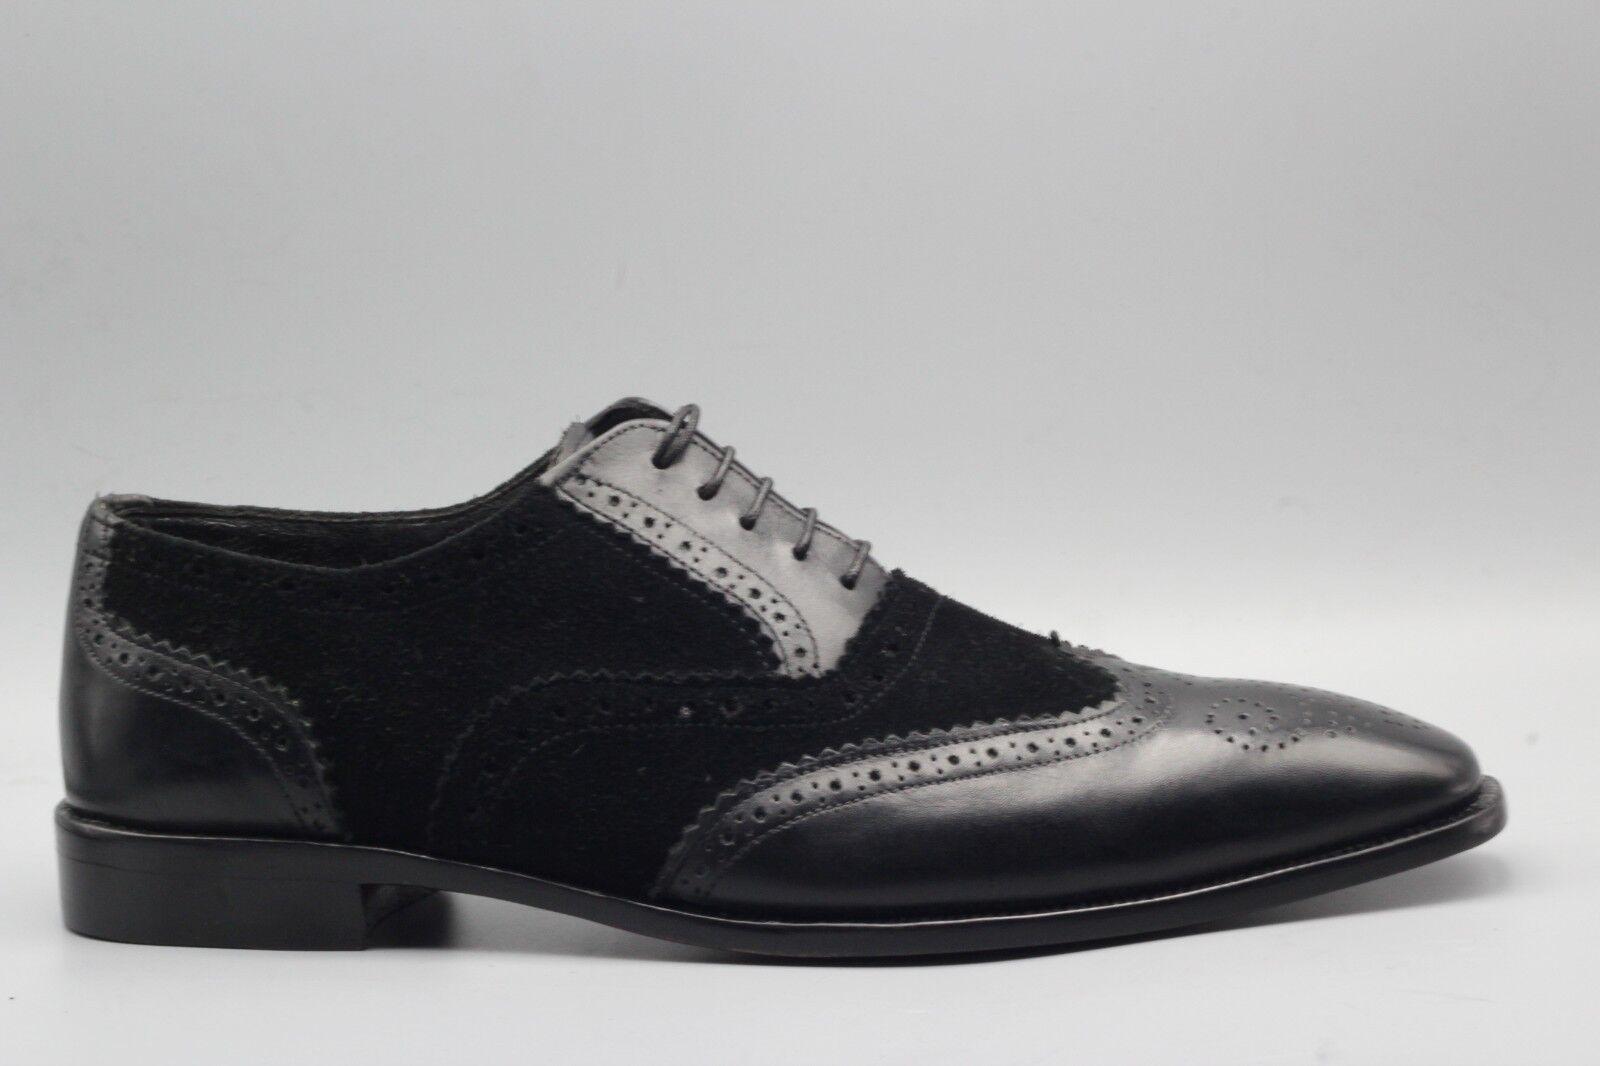 Para hombres Cuero negro dos Tonos Hecho a Mano a Medida & Zapato De Gamuza Oxford Brogue punta del ala